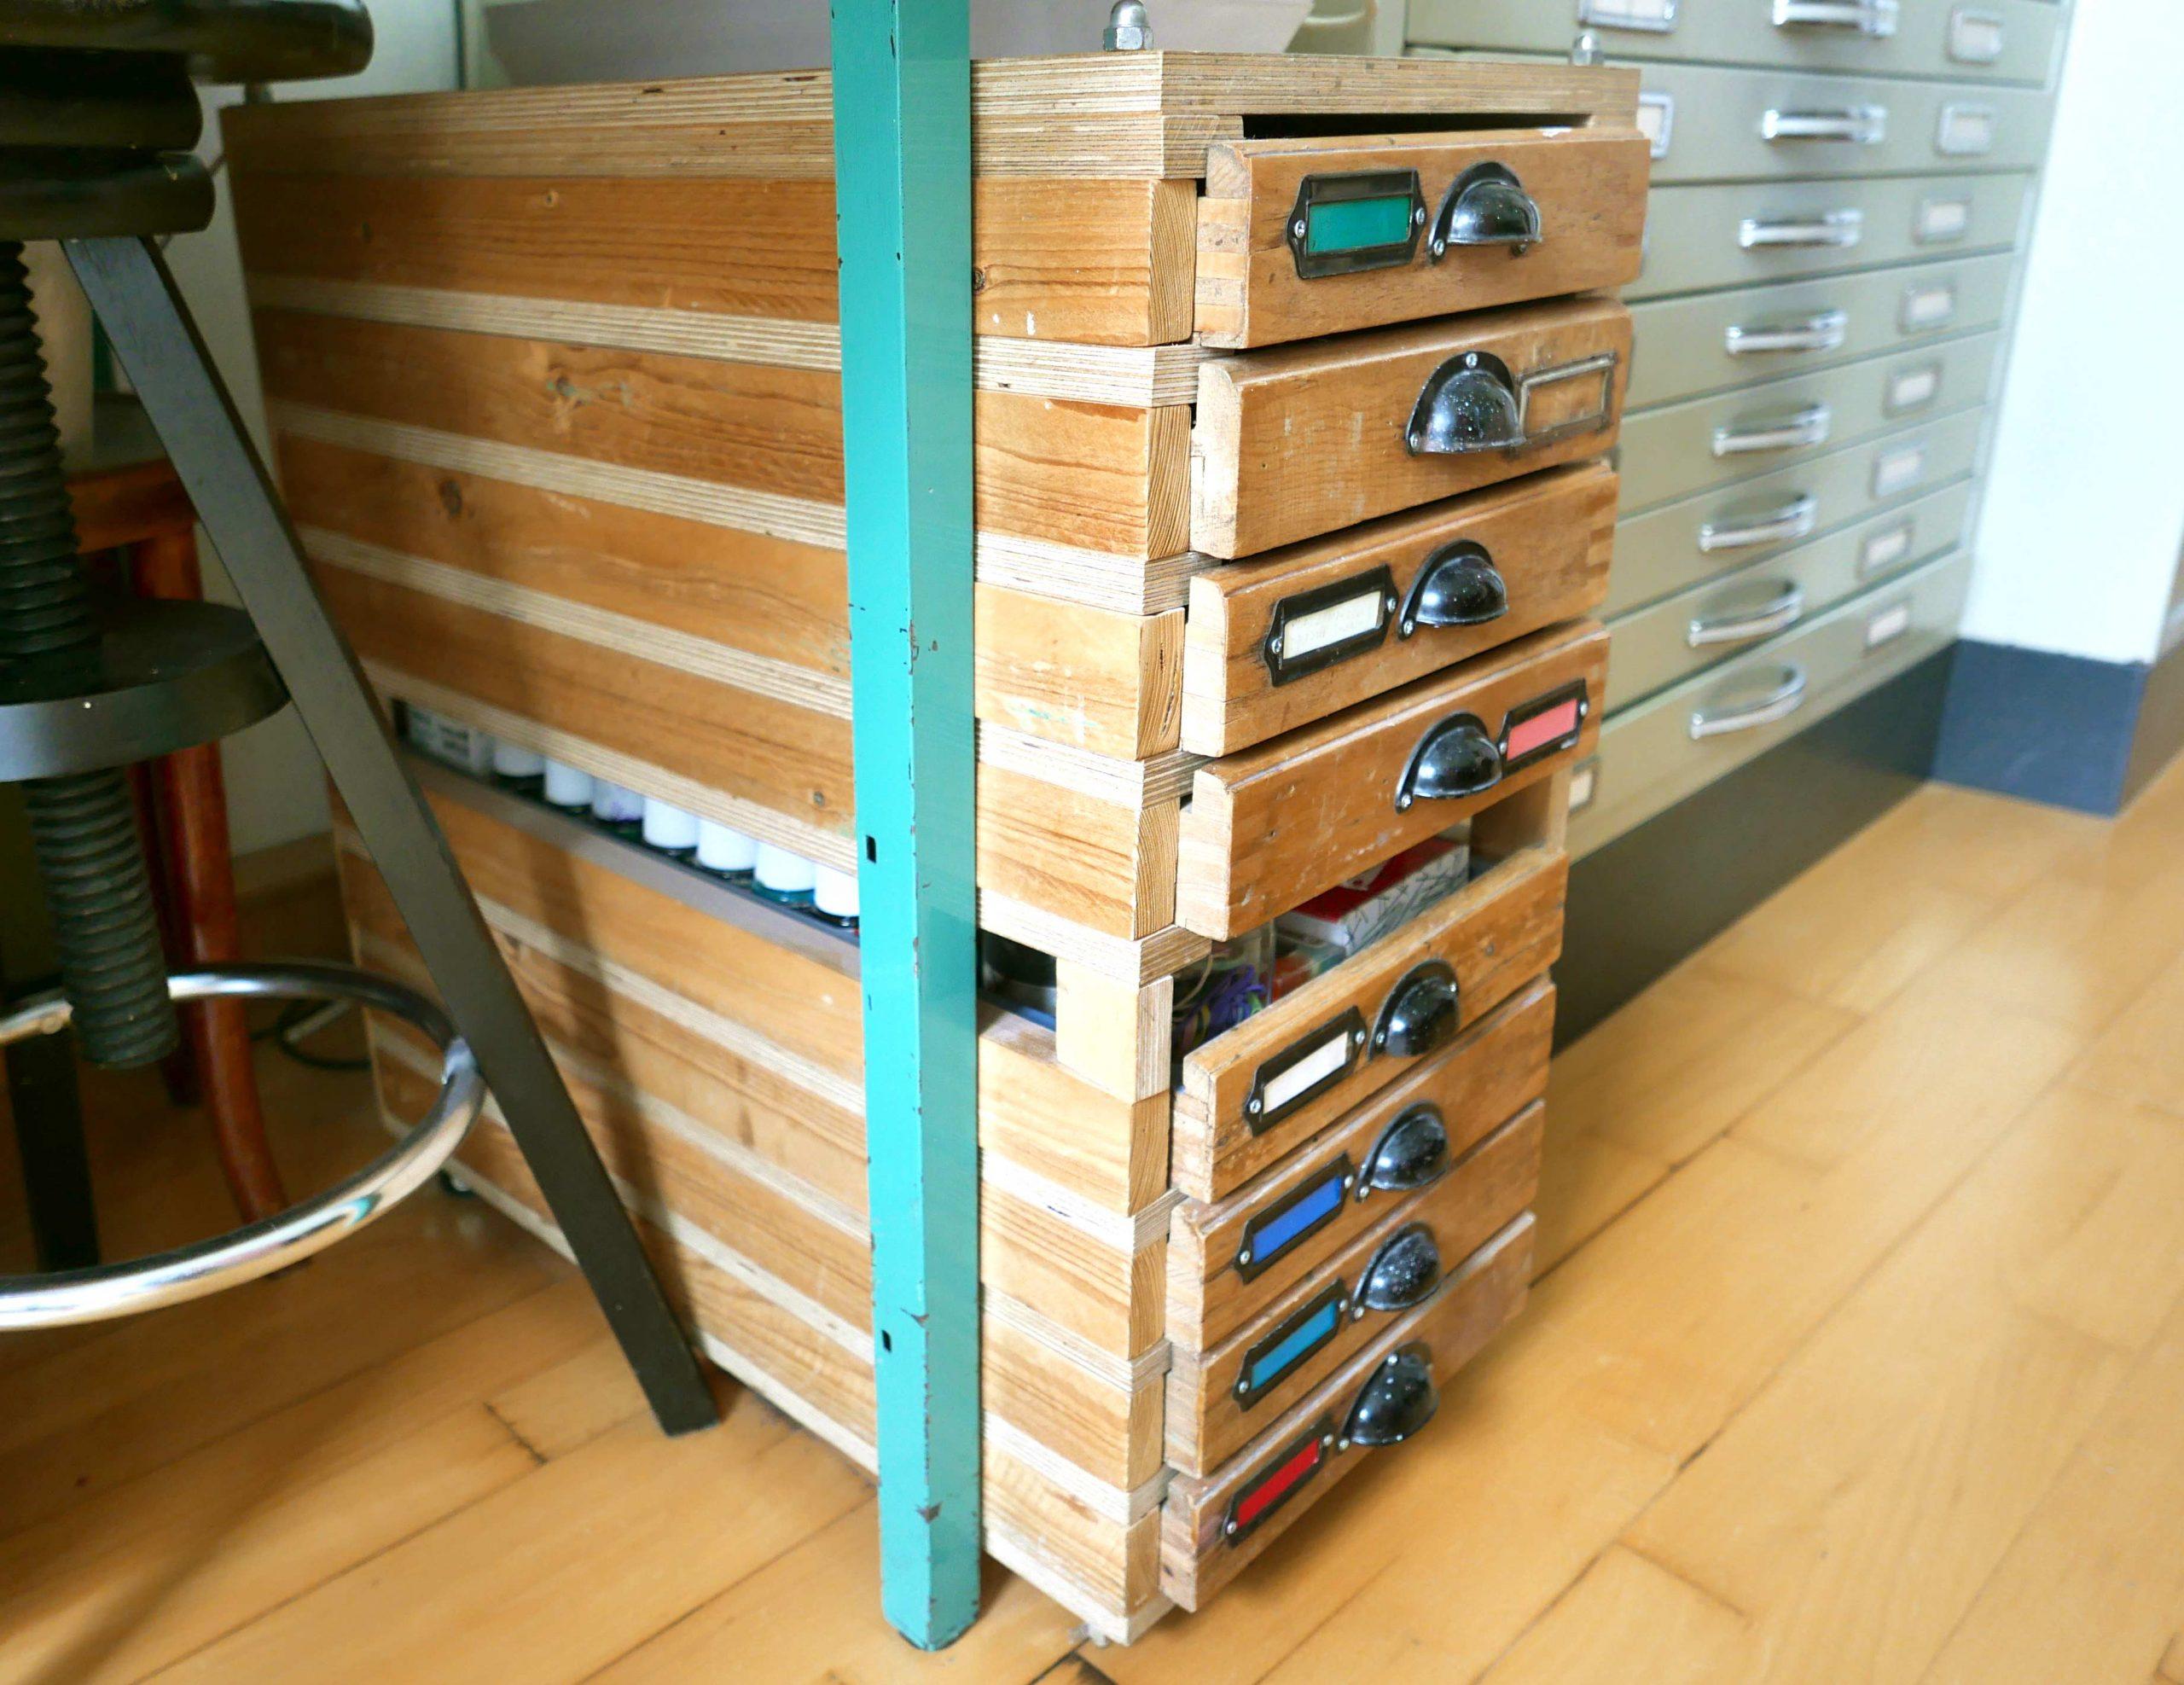 Schubladenschrank mit Bleisatzschubladen selbstgebaut Atelierschrank Provisorium das hält und hält und bleibt